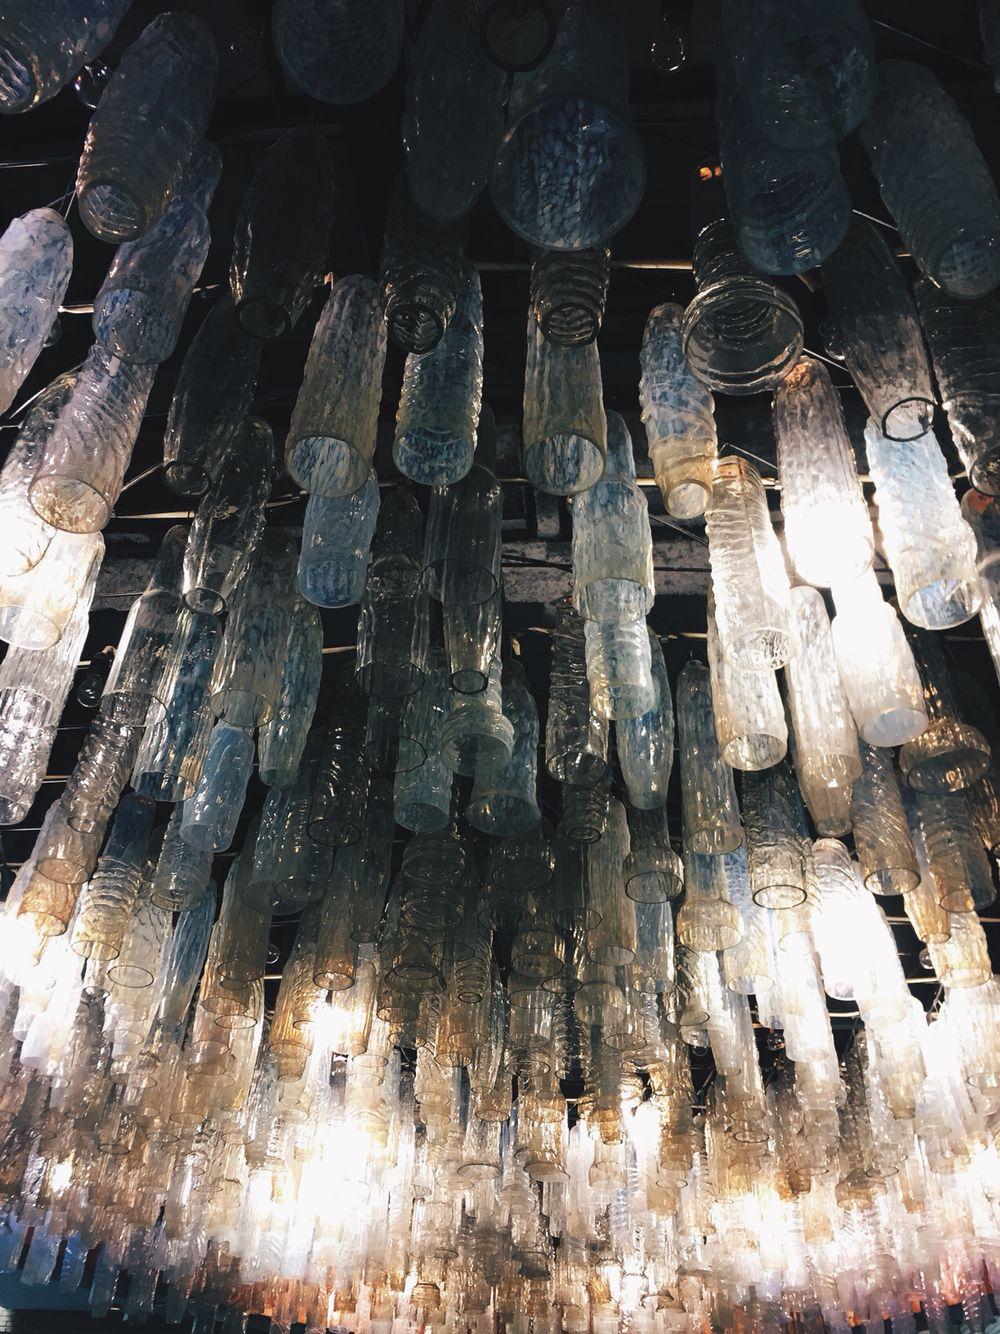 chandeliers or lamp in museum of archeology  Nice glass  археологический музей в Москве и его шикарное оформление